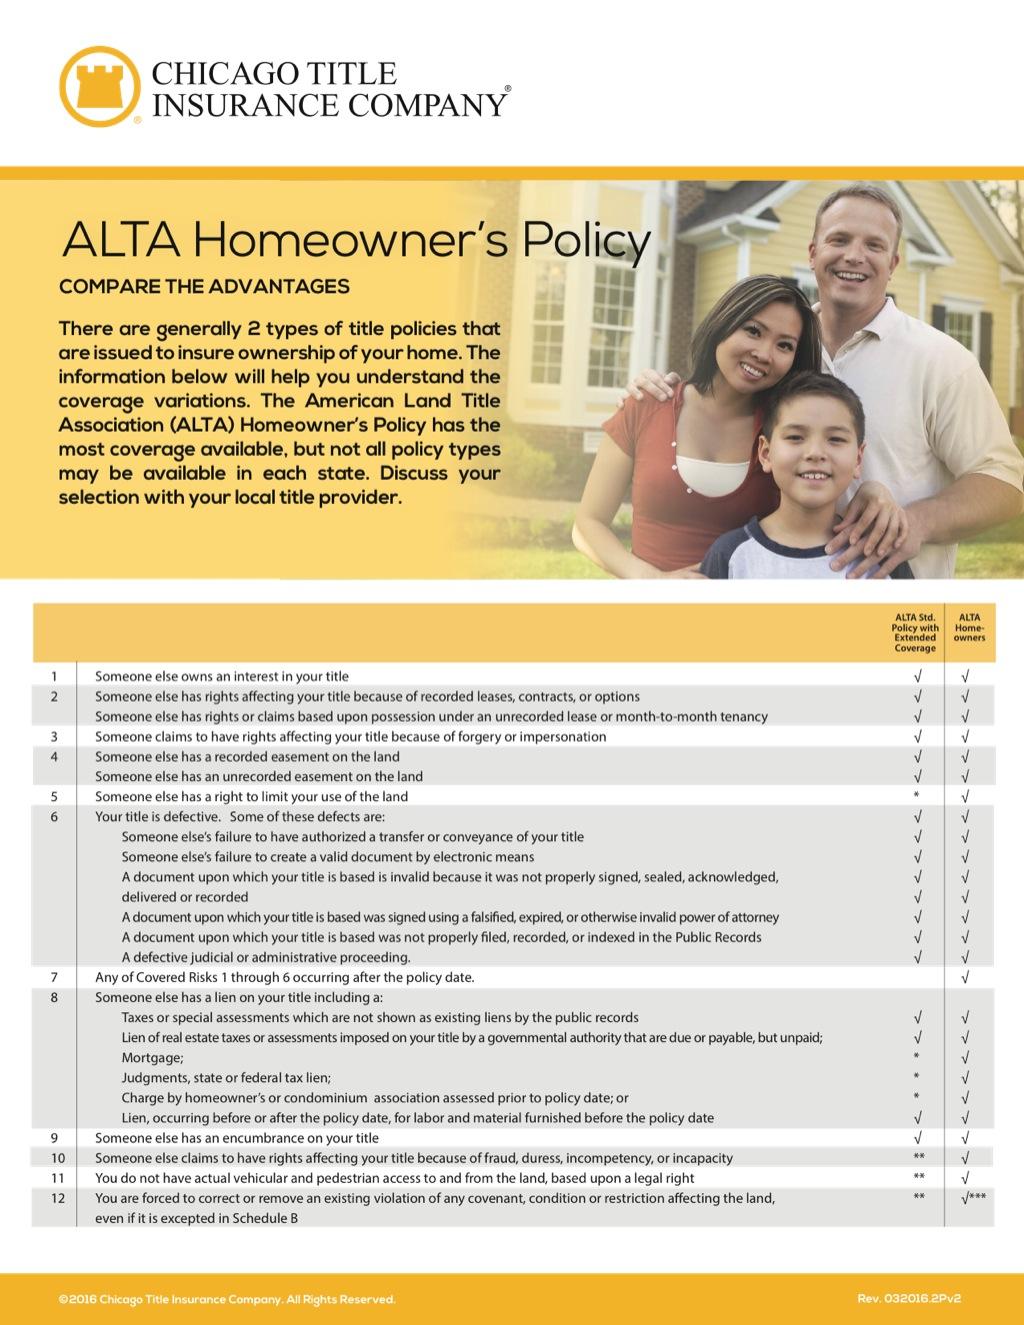 Corefact ALTA 2-Policy v2 compare - CTIC